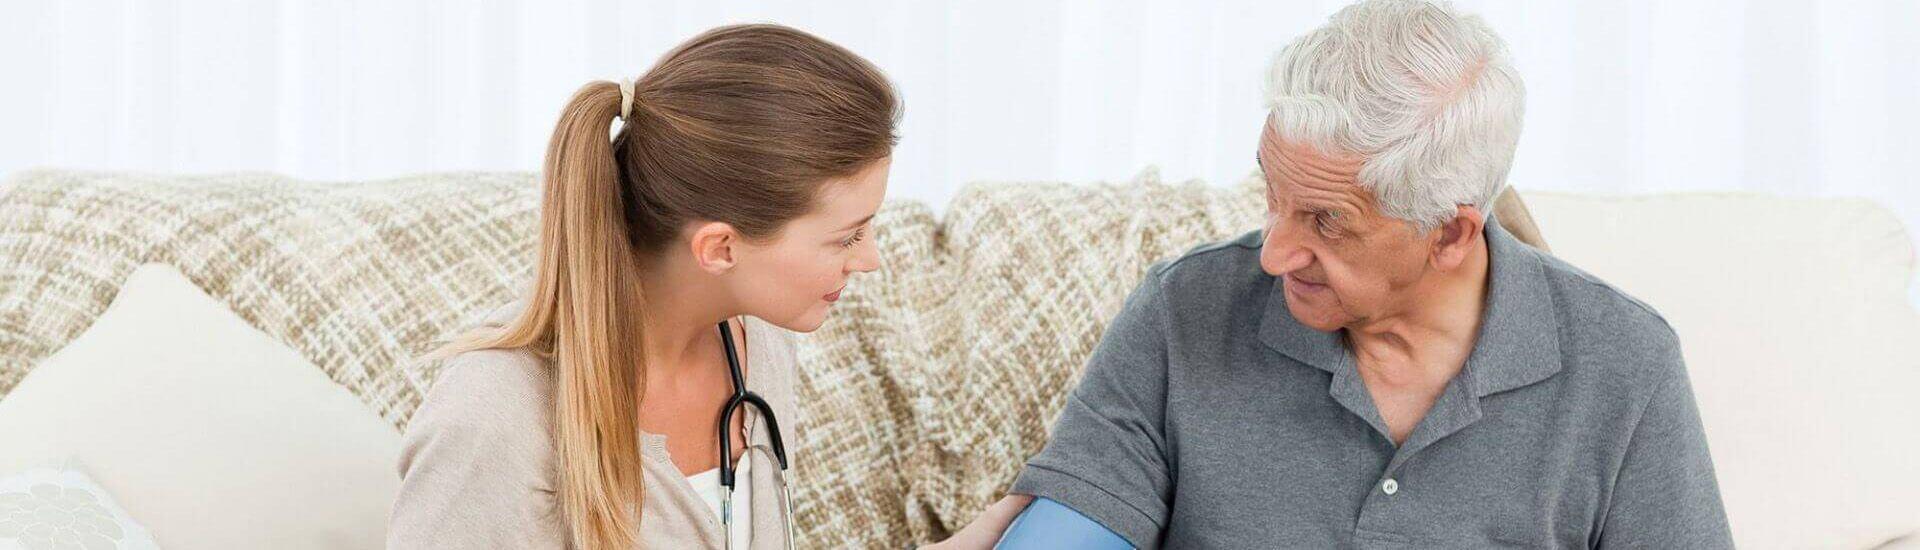 خدمة ما قبل الرعاية الصحية المنزلية